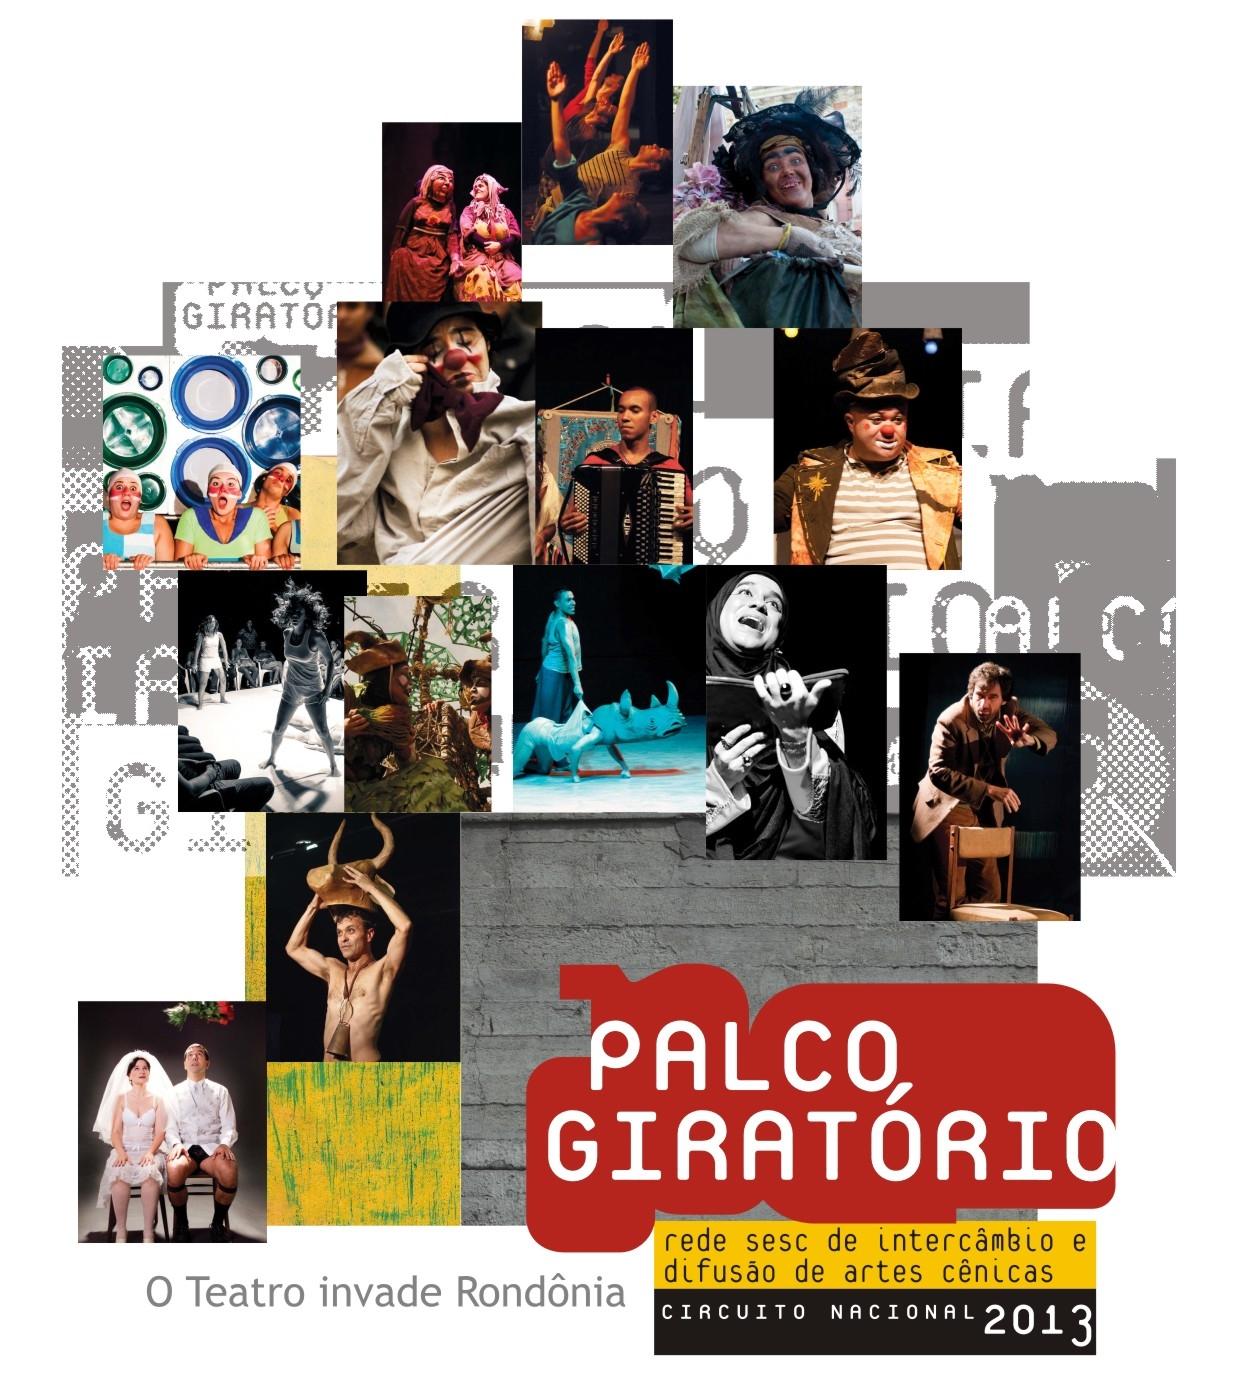 fc2d6de2750 O Sesc Rondônia estreitou ainda mais a relação com a população do estado ao  lançar a página oficial do Festival Palco Giratório 2013 (www.facebook.com.